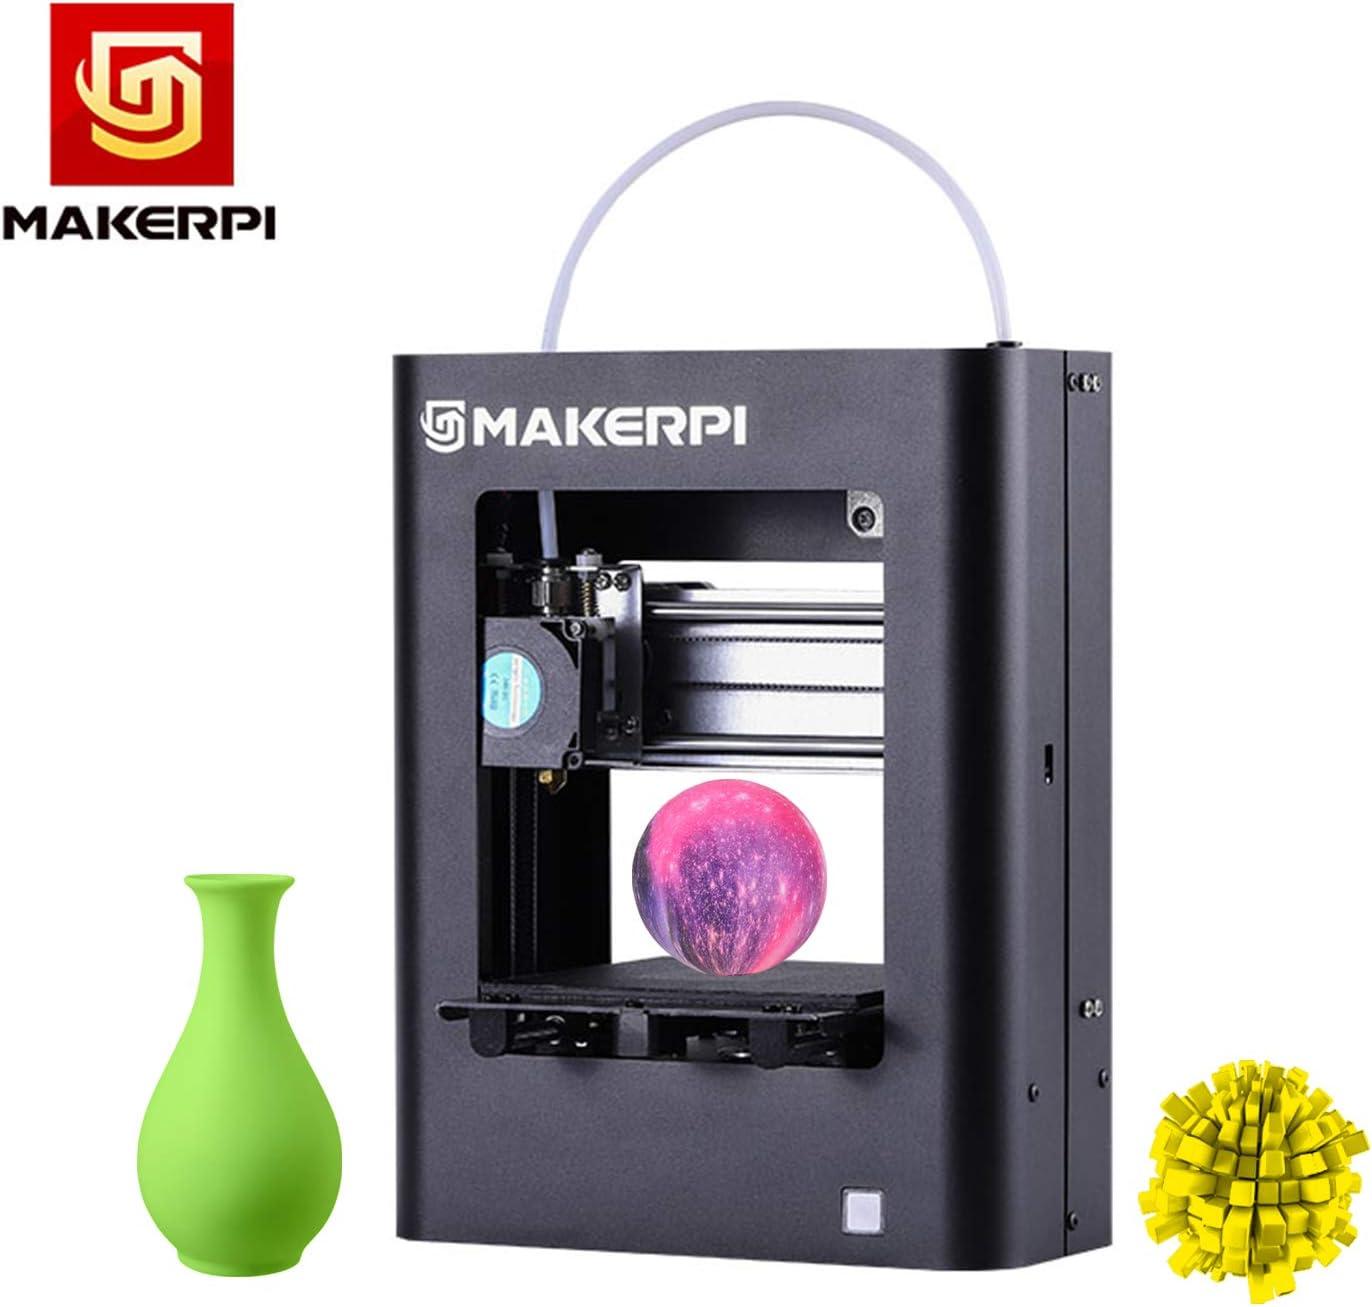 Новинка! Бюджетные 3д принтеры от MakerPi и IdeaFormer